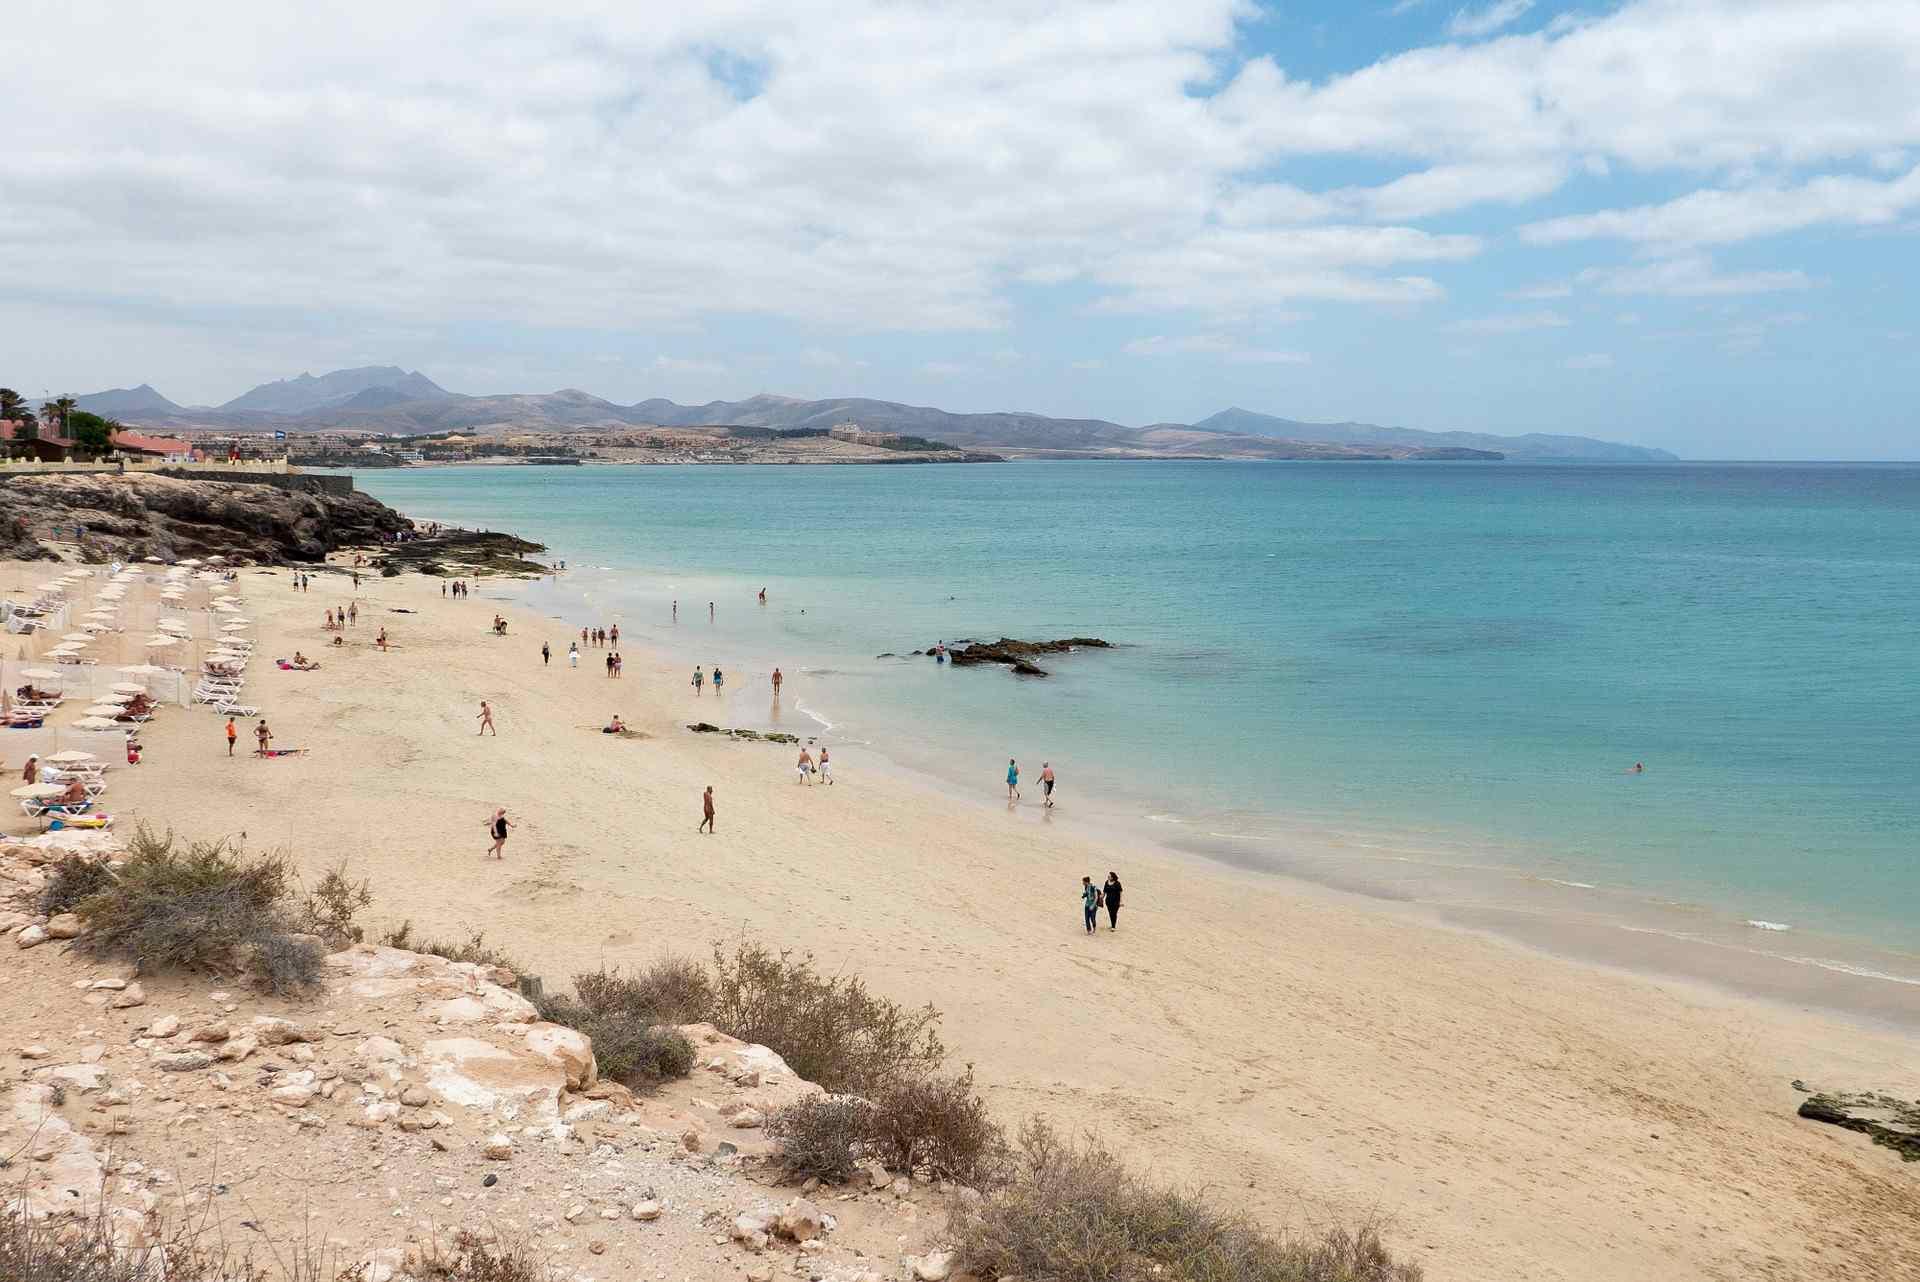 Strand an der Costa Calma auf Fuerteventura